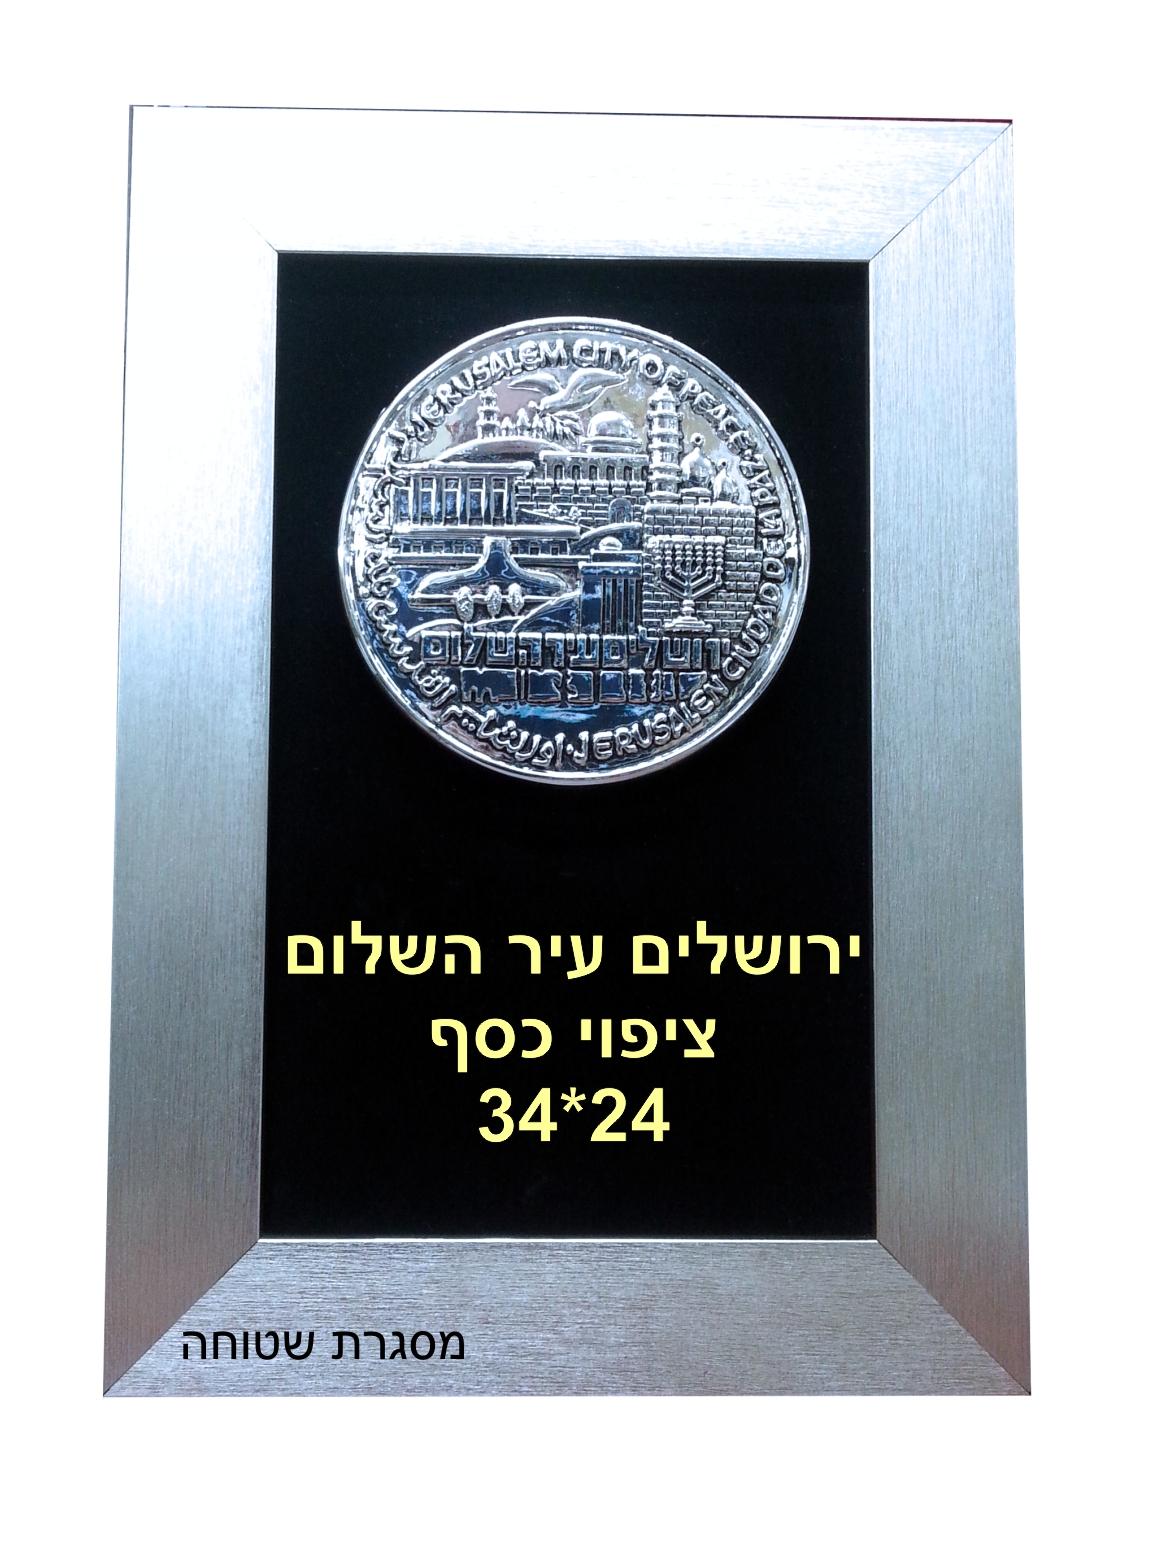 ירושלים עיר השלום 24 34